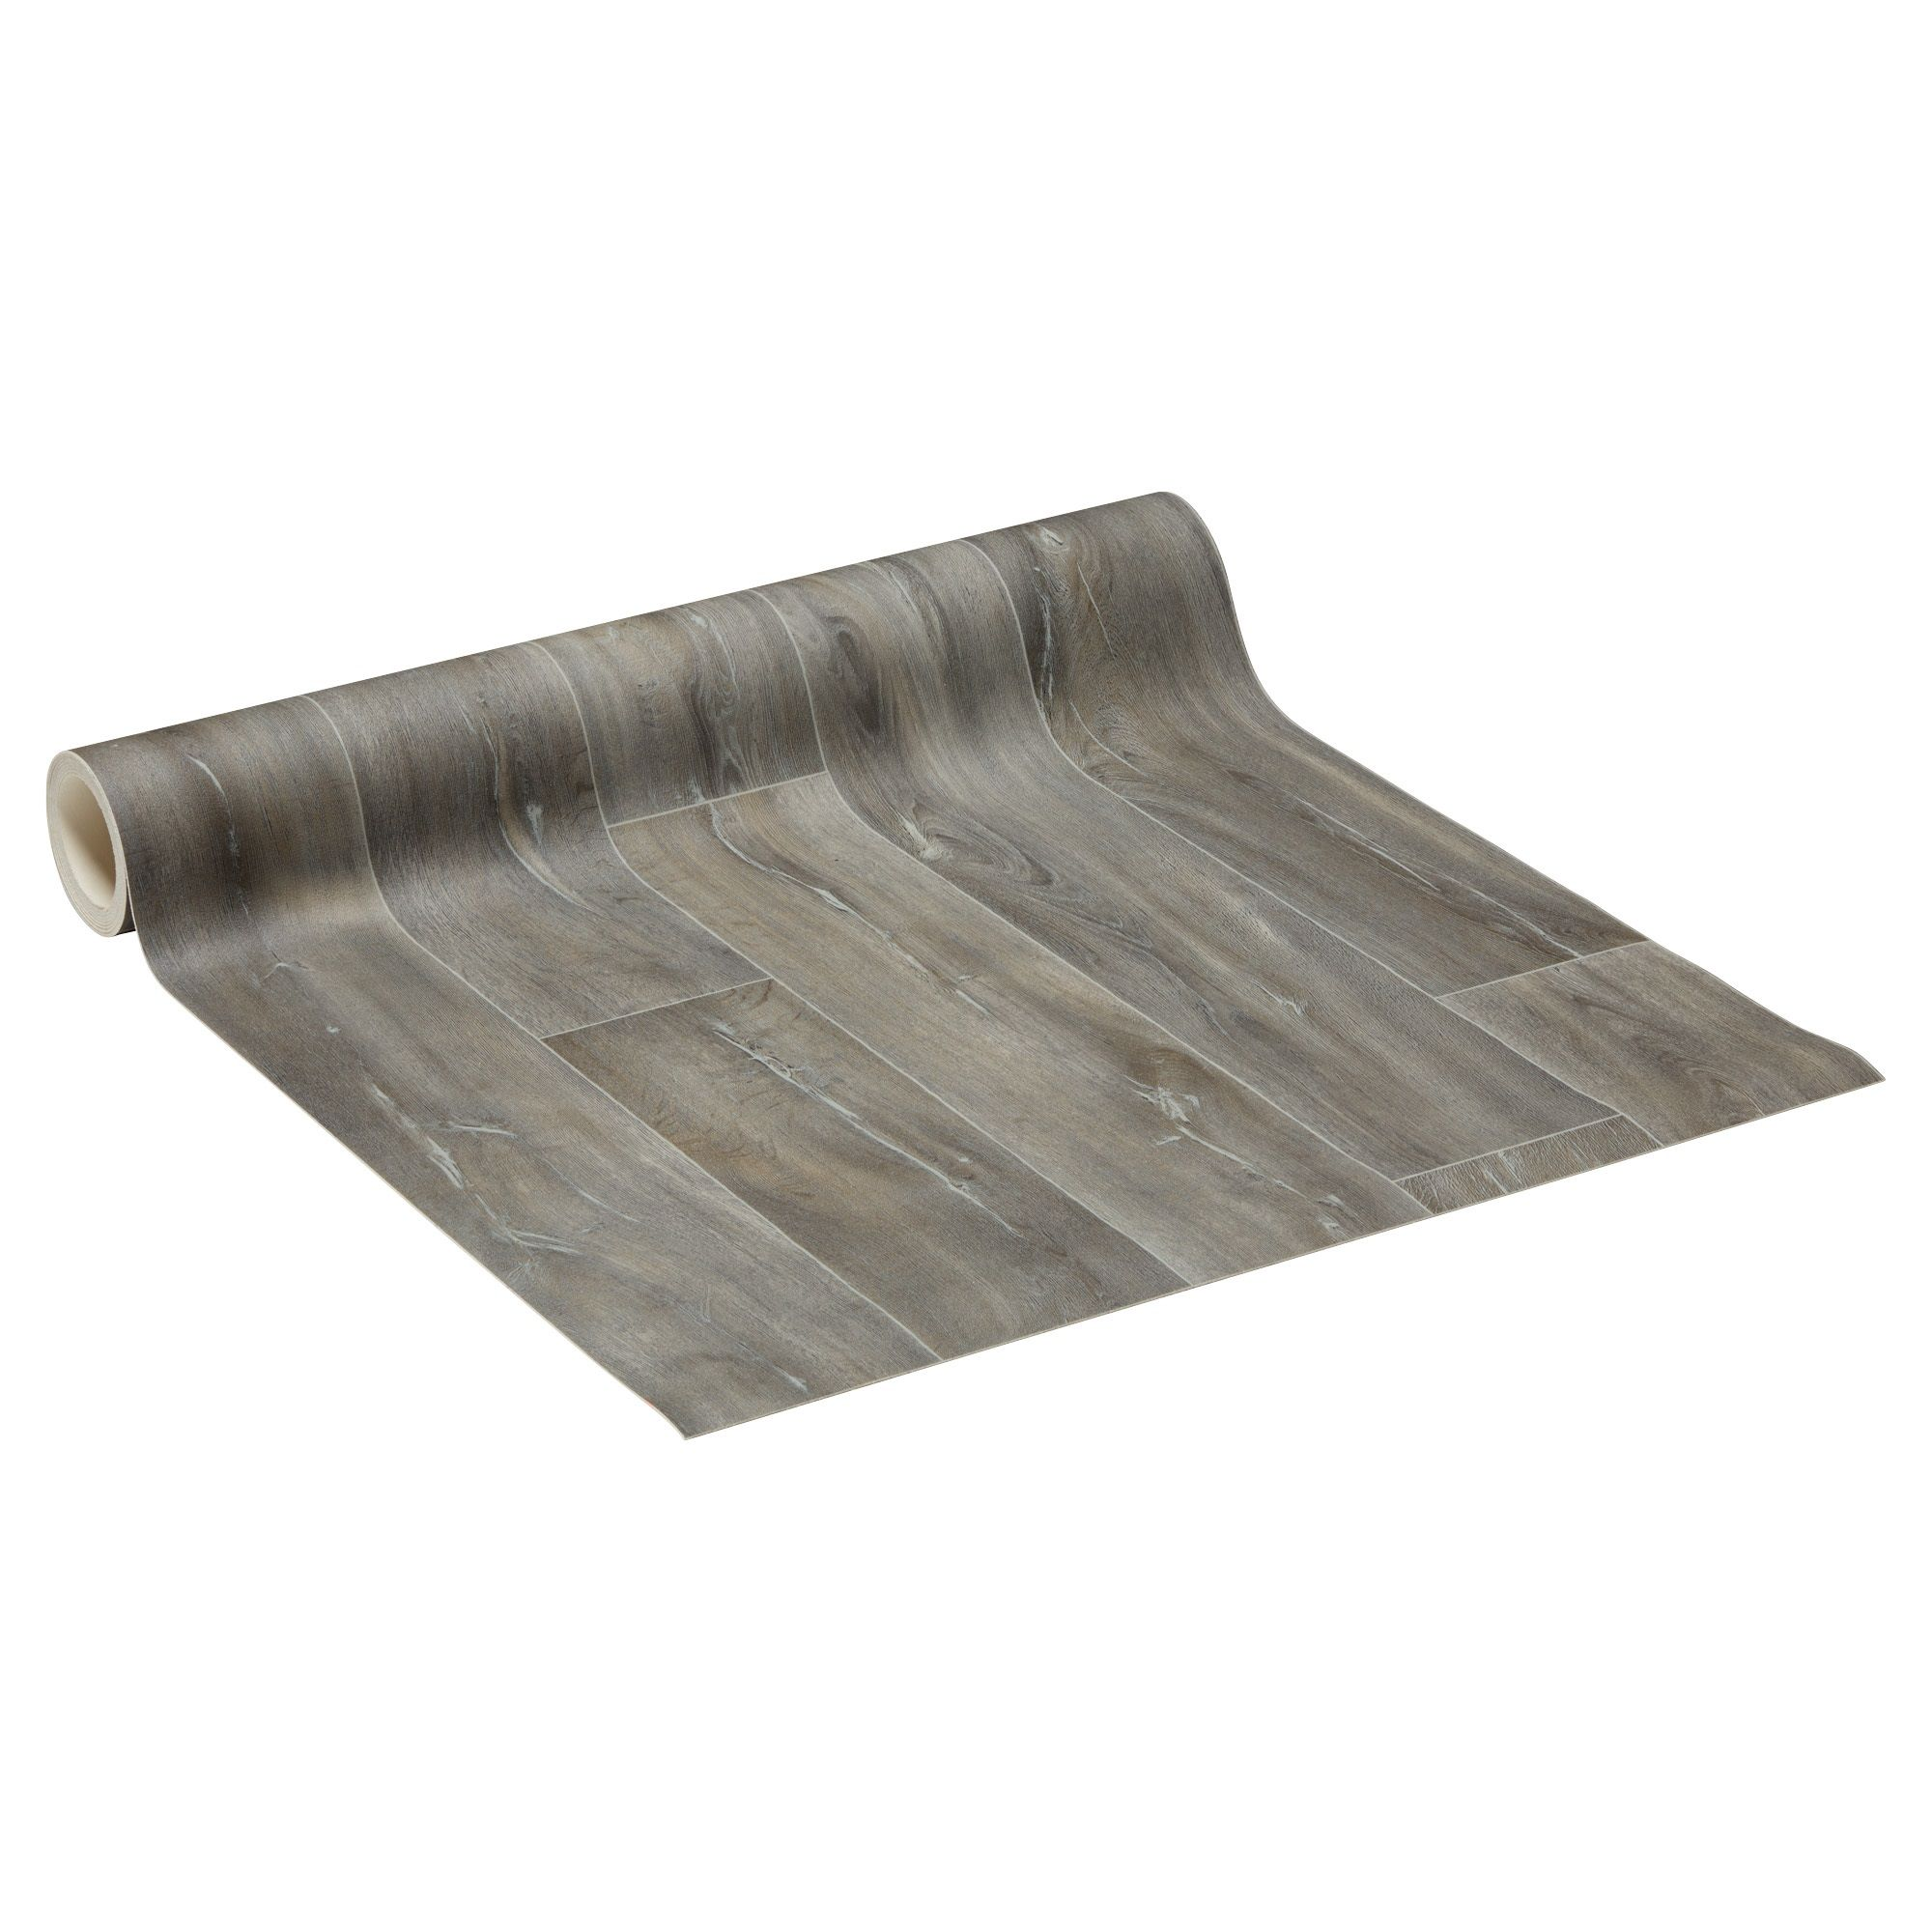 VAN 14,- VOOR 10,50 Vinyl met donkergrijs houtdessin van recyclebaar materiaal. 2,5 mm dik. #kwantum #nuofnooit